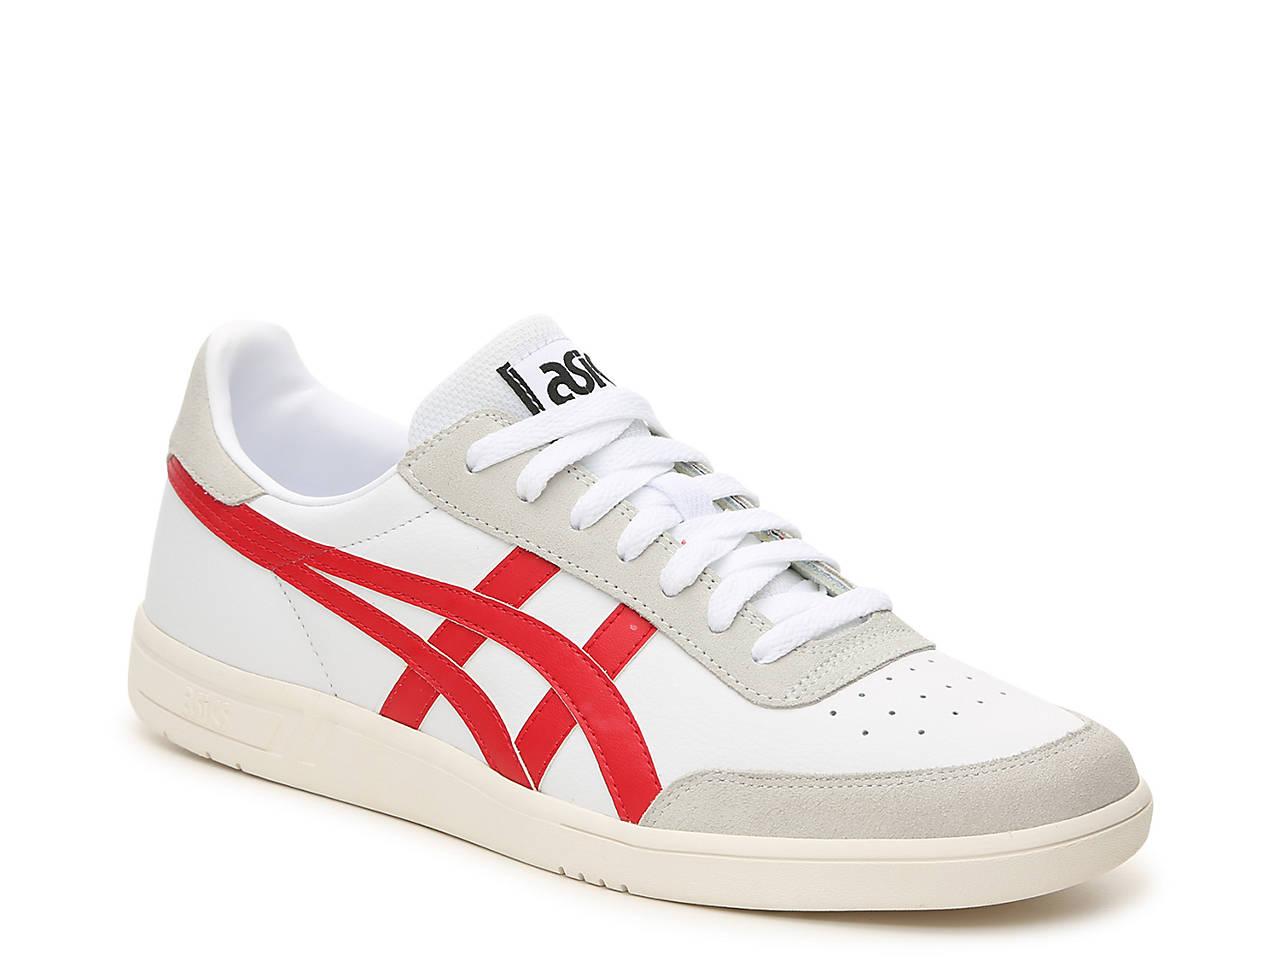 GEL-Vickka Sneaker - Men's